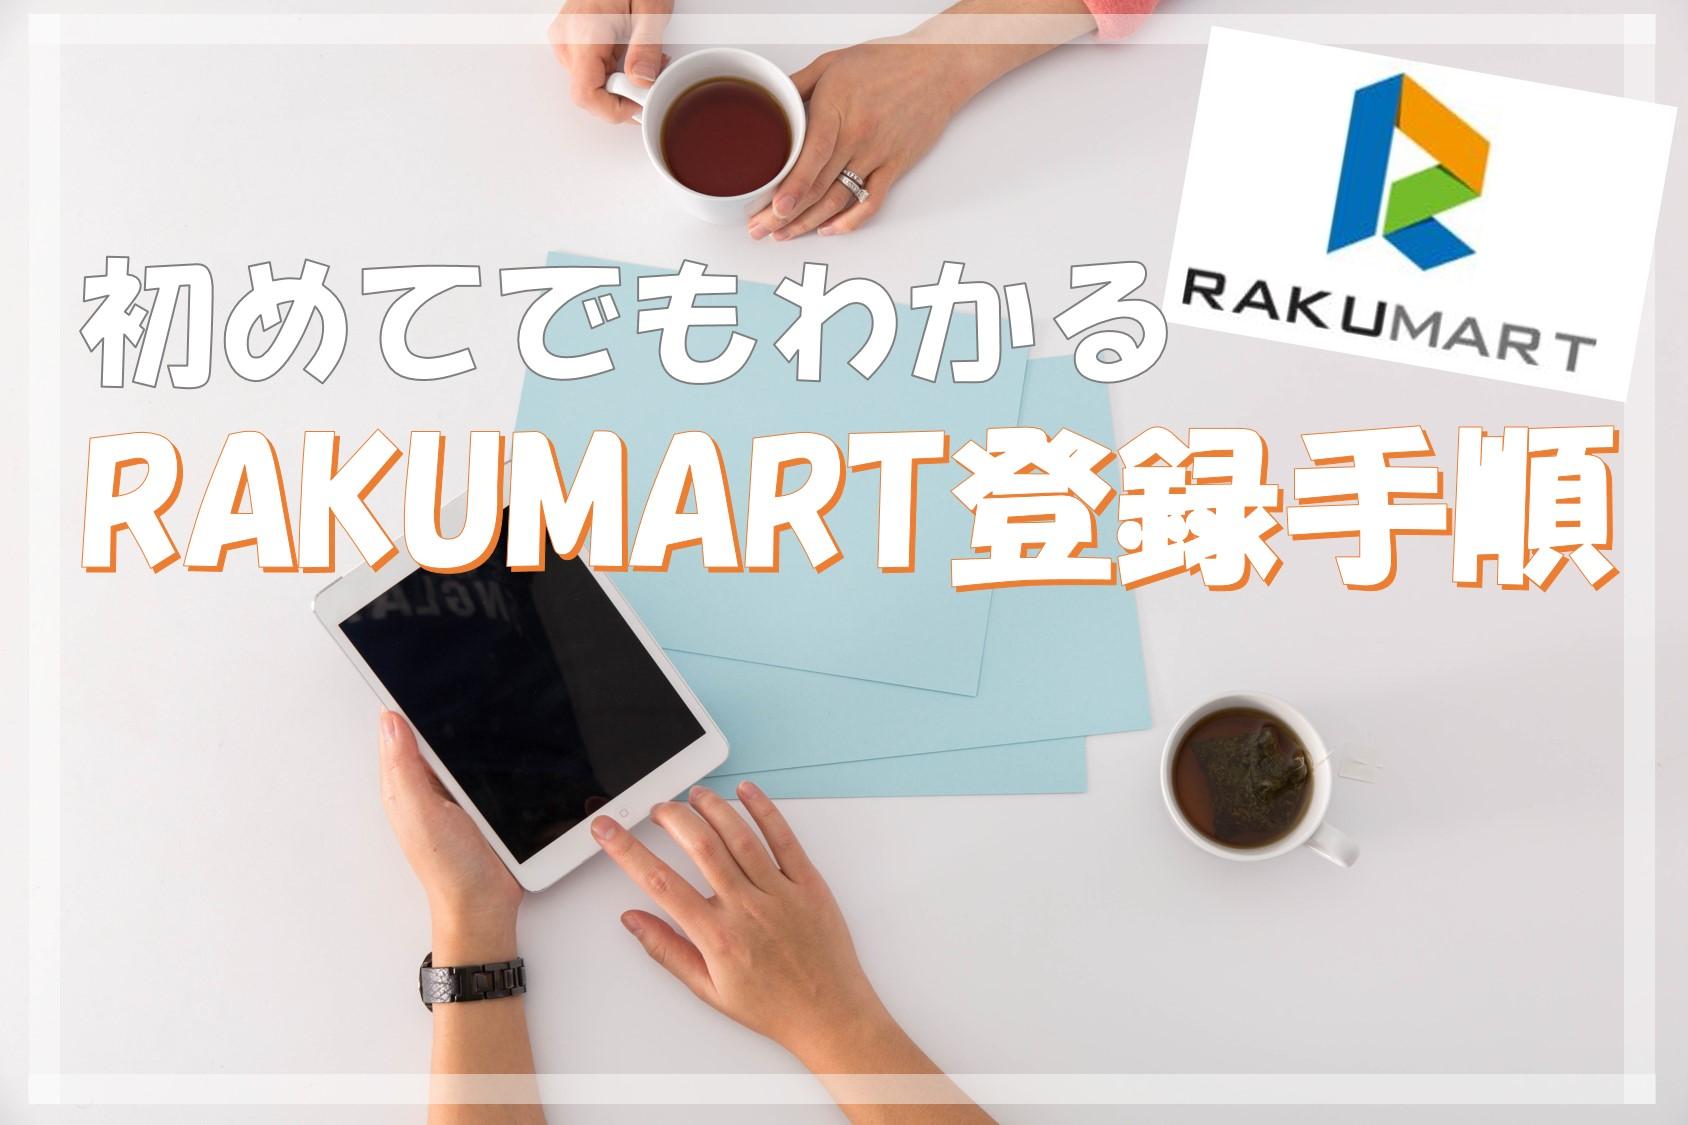 【中国輸入】代行業者RAKUMARTの登録手順